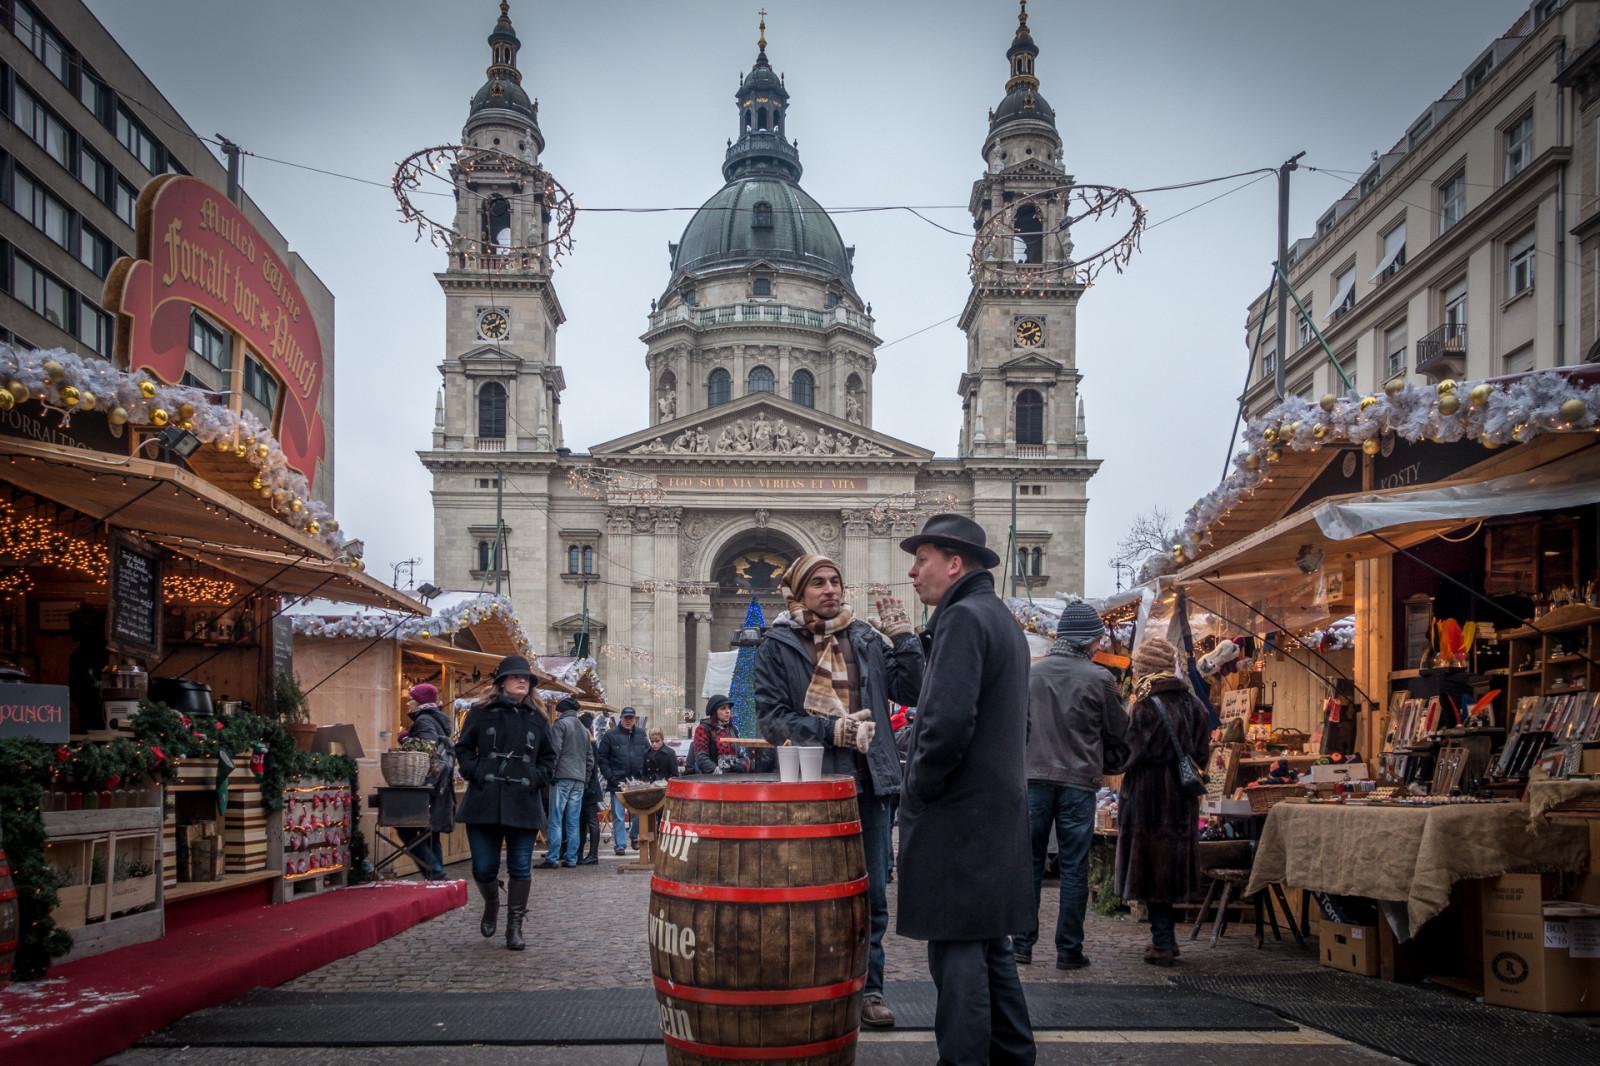 Stadt In Ungarn Wein Kreuzworträtsel